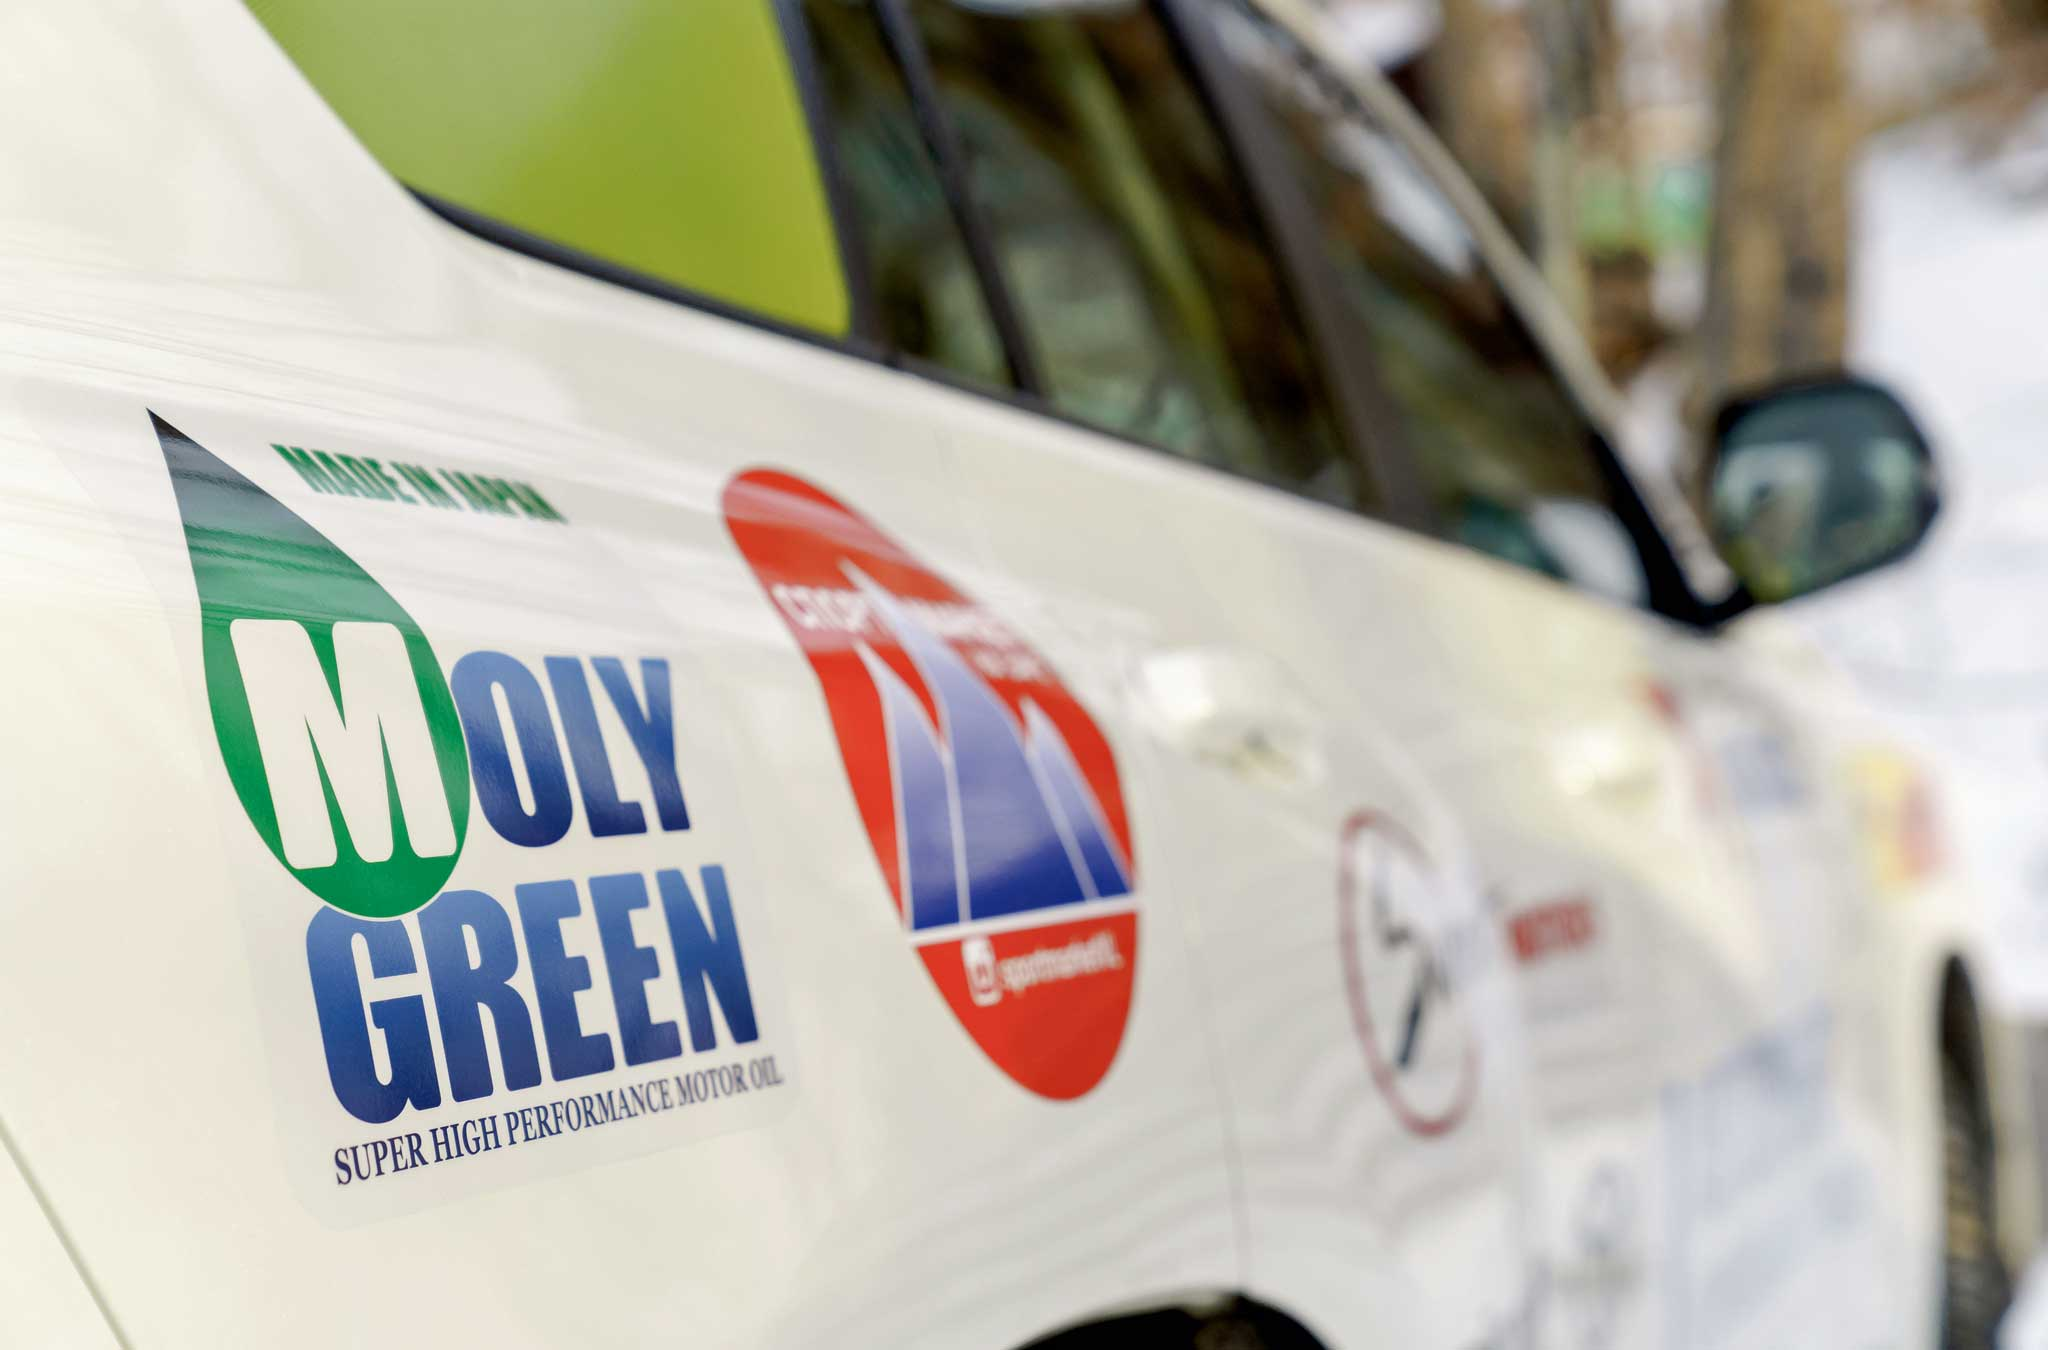 MOLYGREEN - настоящее японское синтетическое масло с новейшей формулой присадок для бензиновых, гибридных и дизельных двигателей.